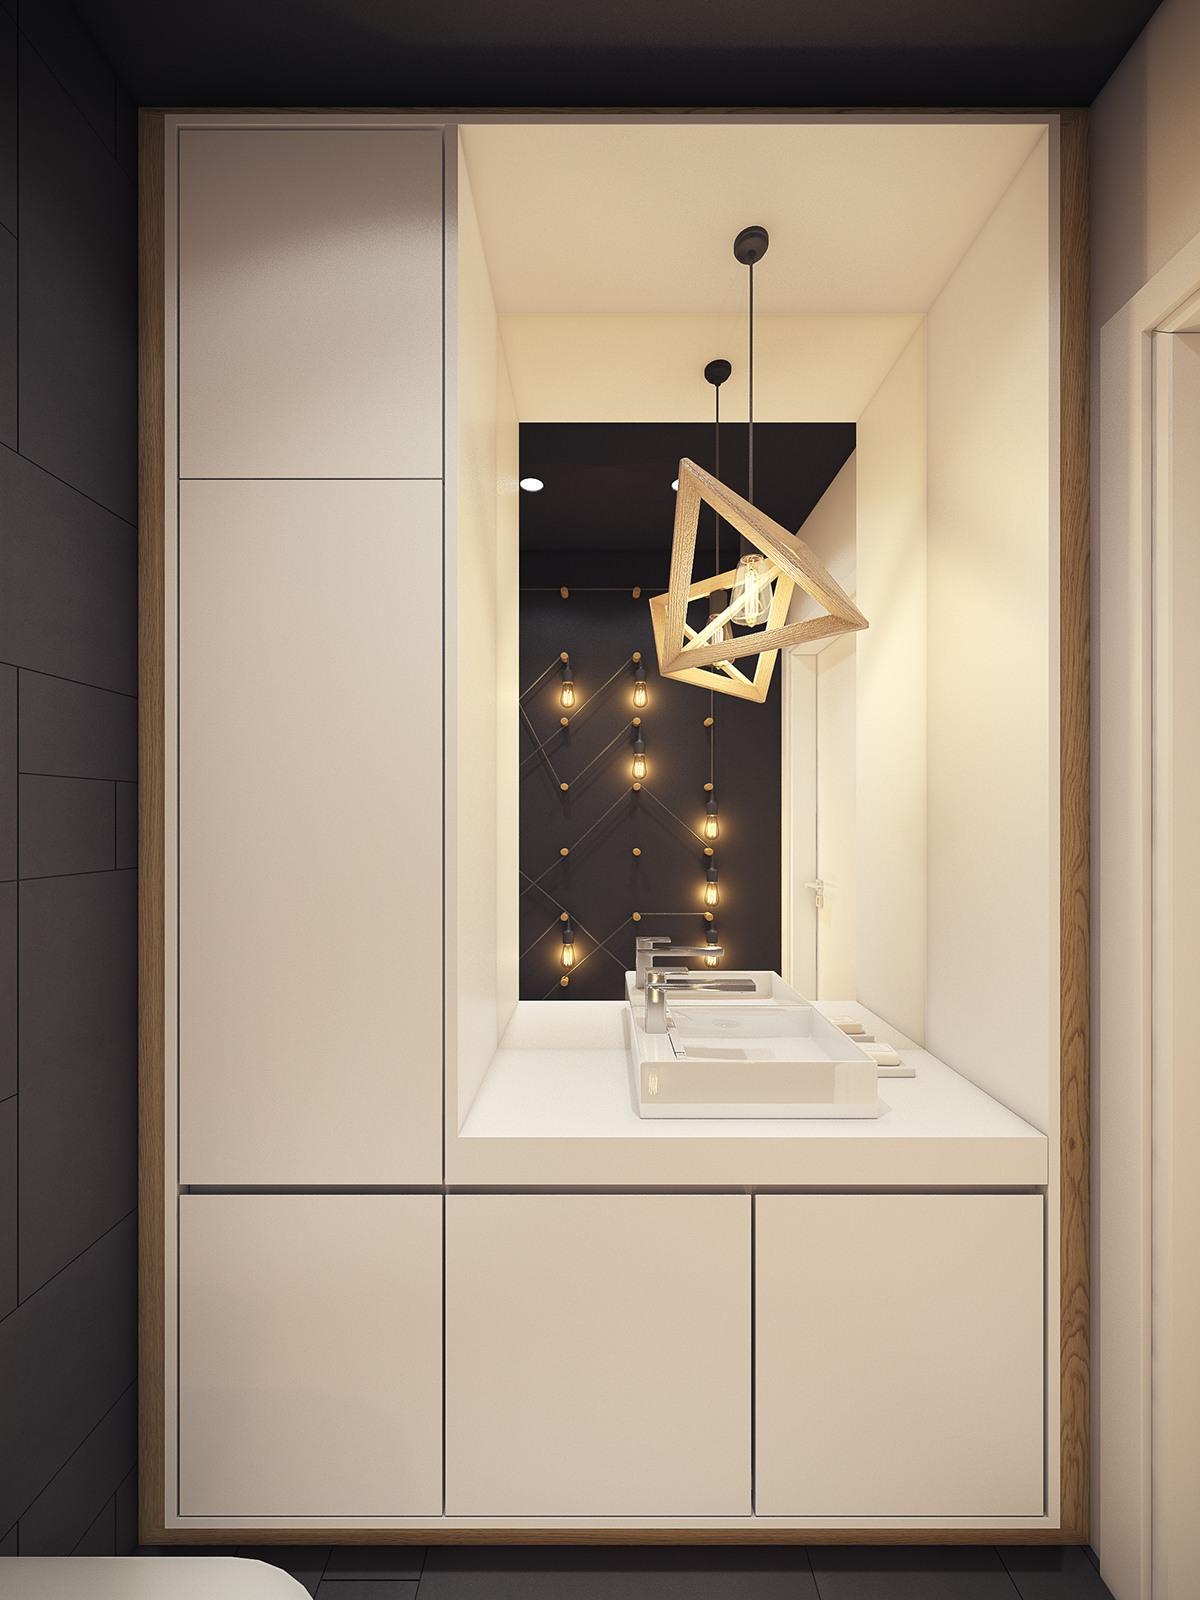 interioren-proekt-za-apartament-v-moderen-skandinavski-stil-918